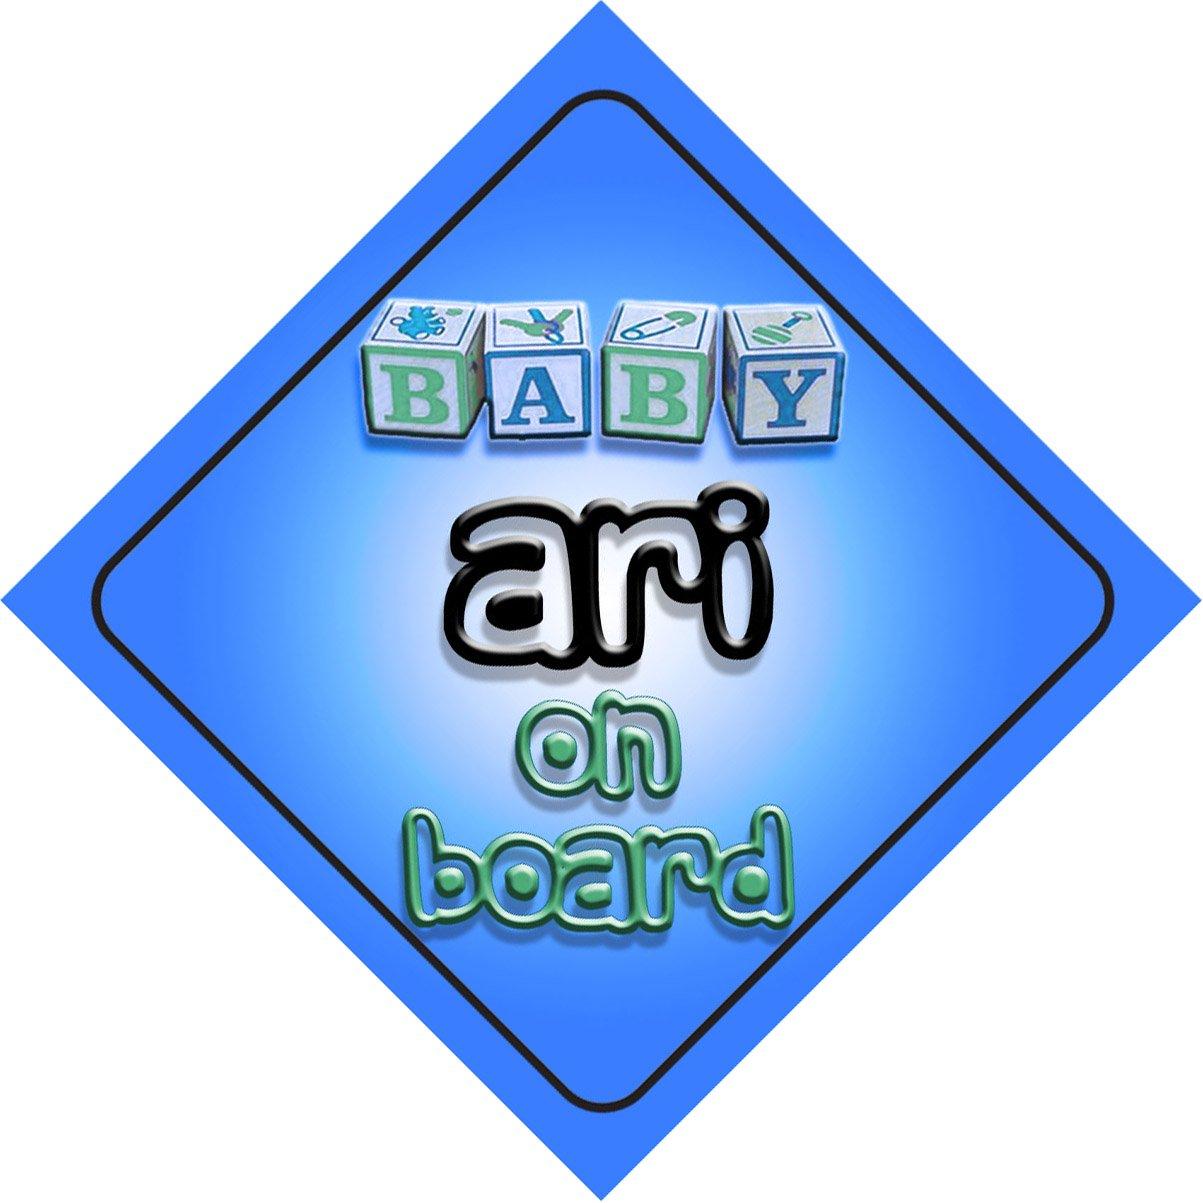 Bébé Garçon Ari on Board fantaisie Panneau de voiture Cadeau/cadeau pour nouveau/enfant nouveau-né